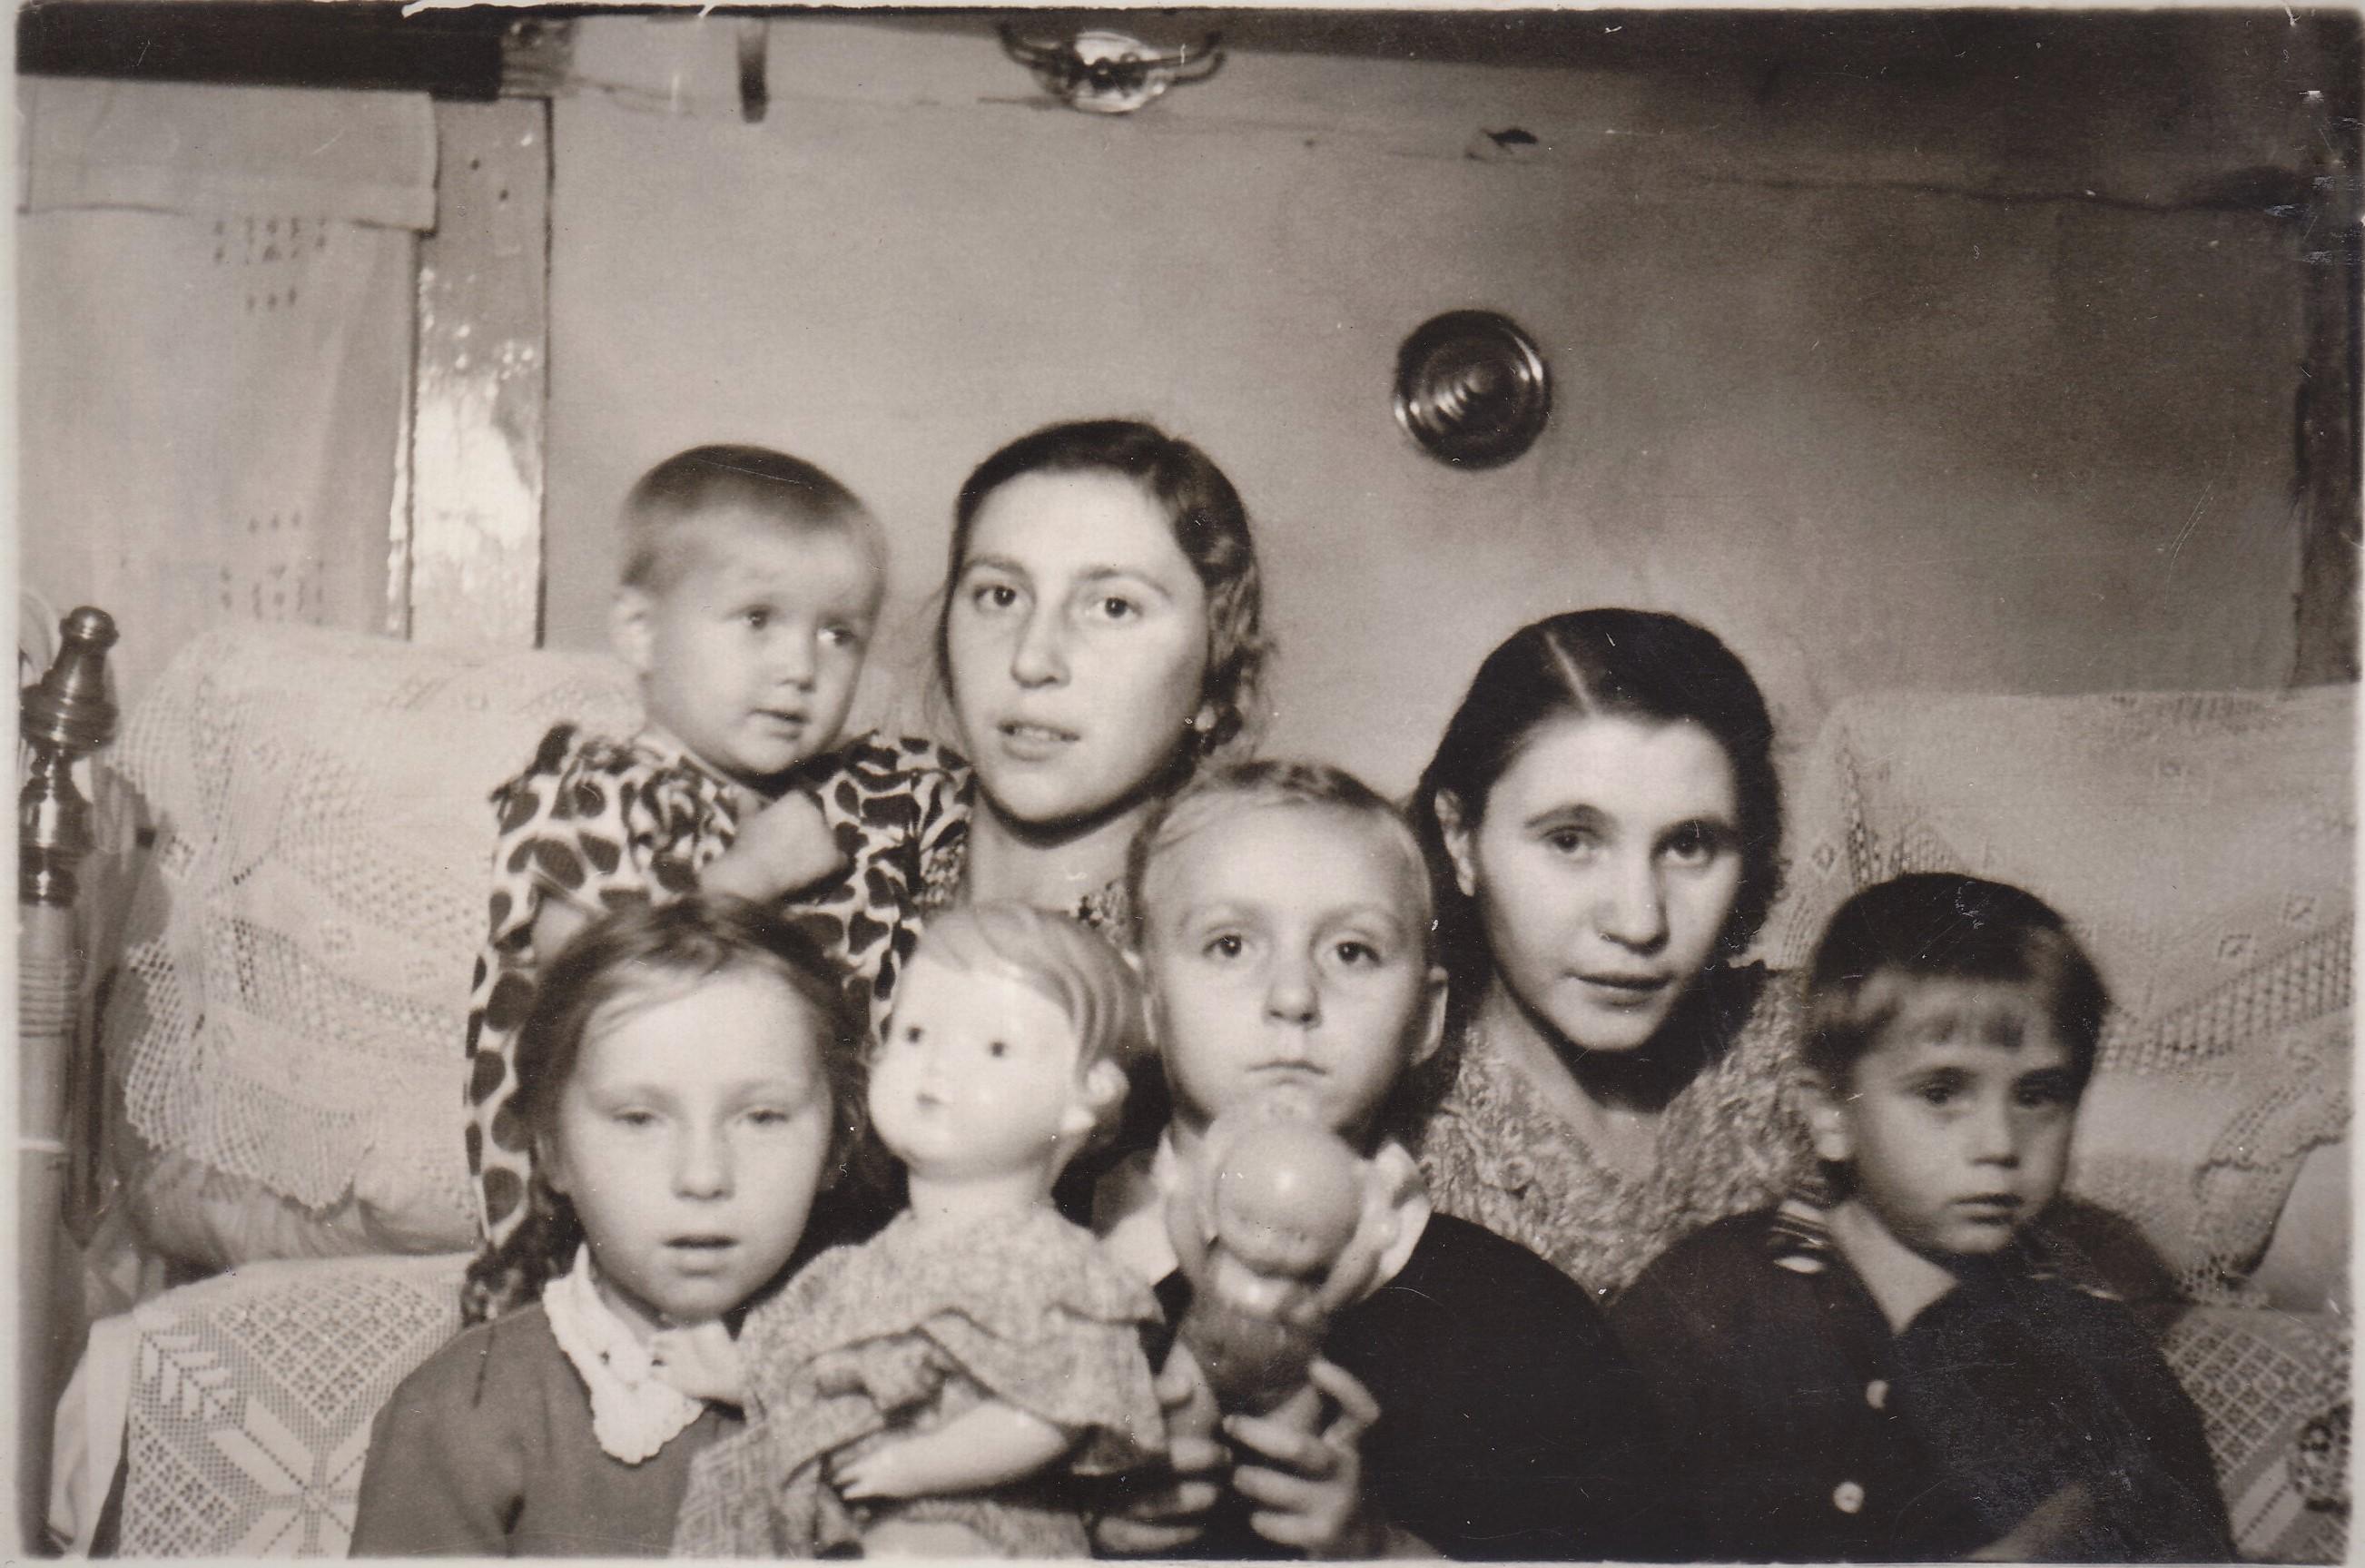 На фото: слева с большой куклой сестра Оля, справа - я, за моей спиной крёстная, тётя Римма.